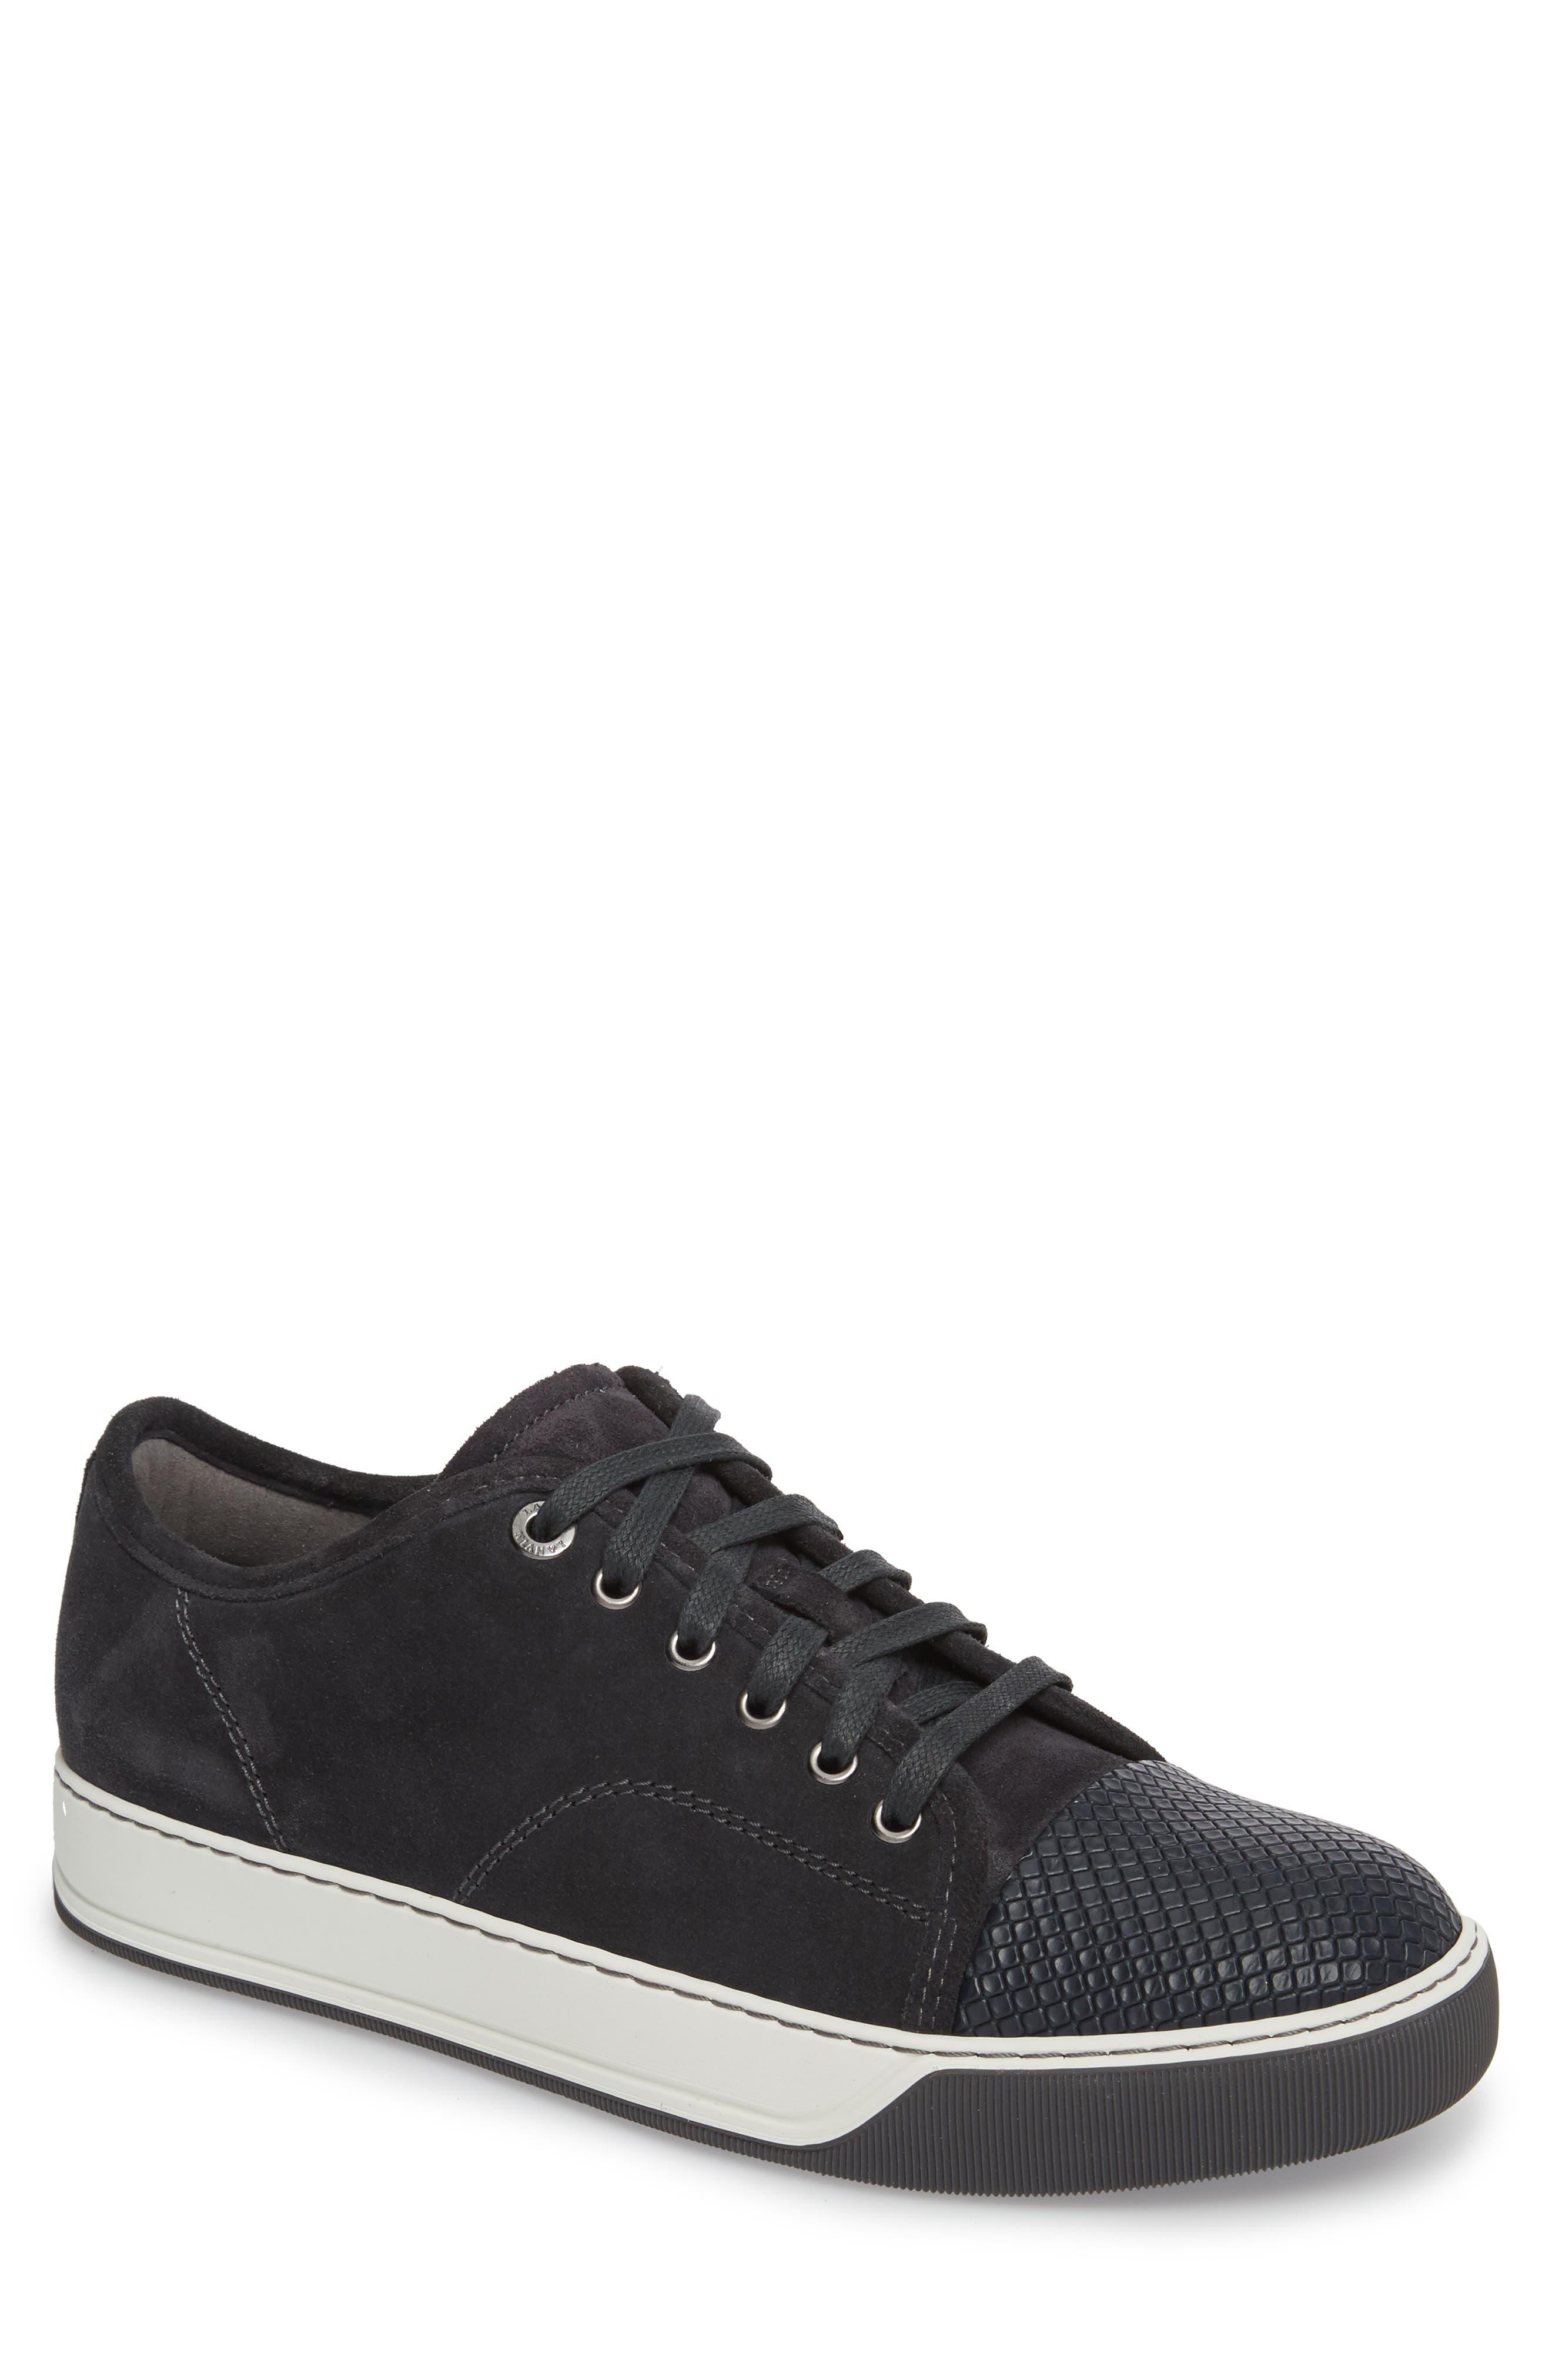 Alternate Image 1 Selected - Lanvin Classic Textured Cap Toe Sneaker (Men)